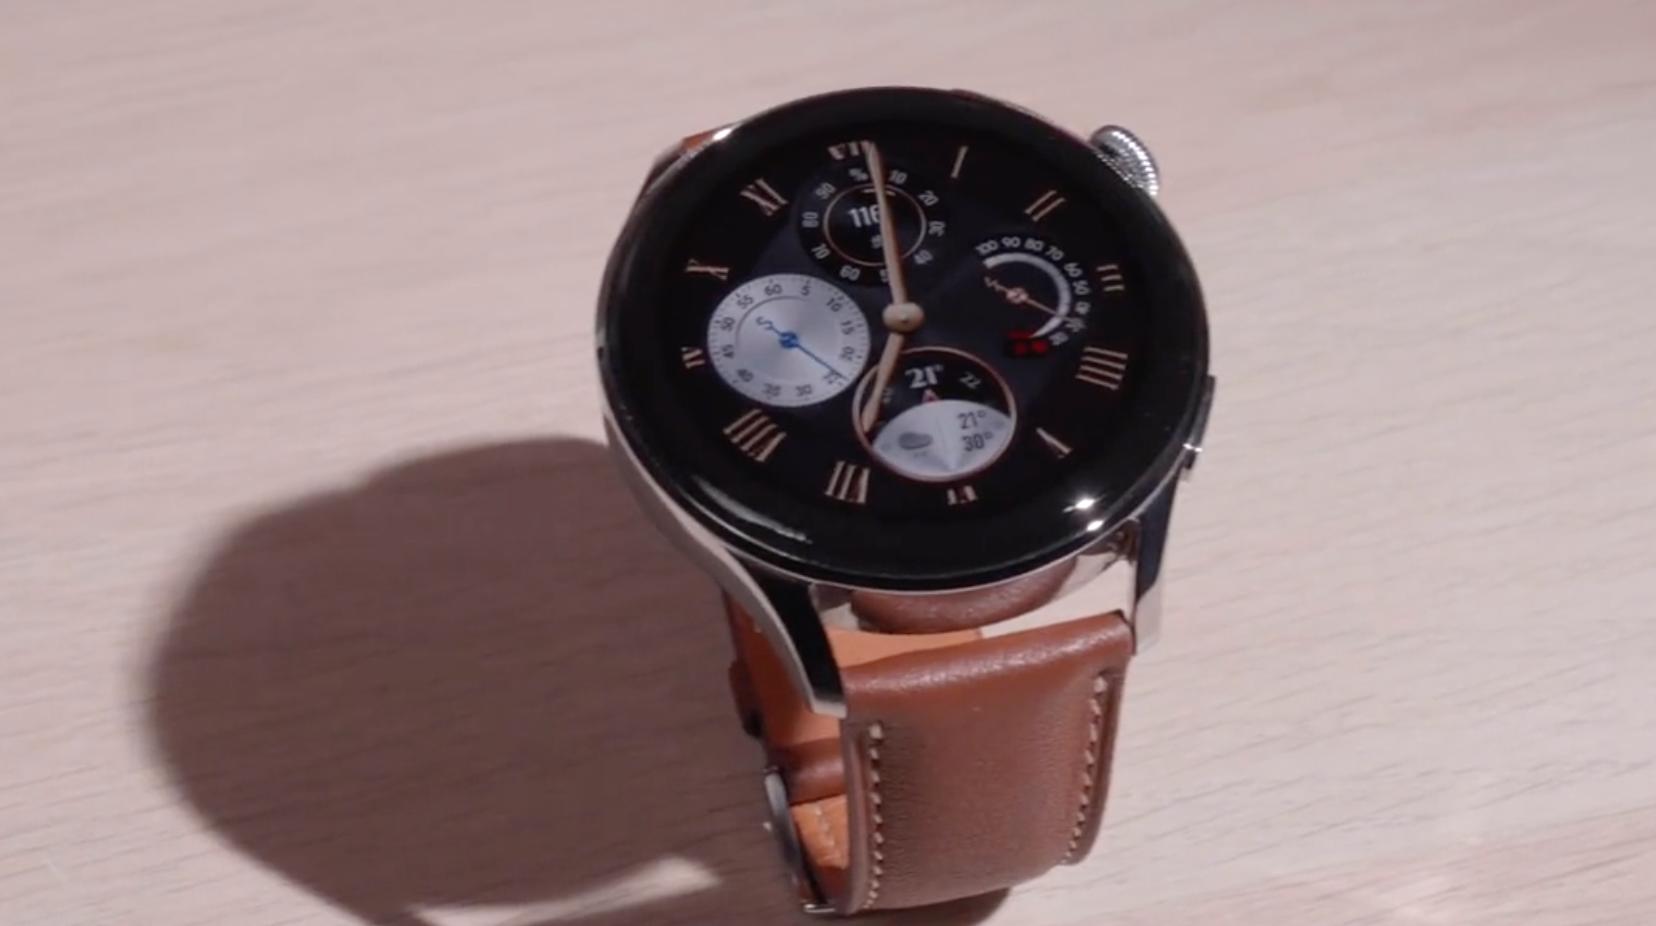 华为Watch3有多流畅?搭载鸿蒙该不该买?我建议你先看完这篇测评